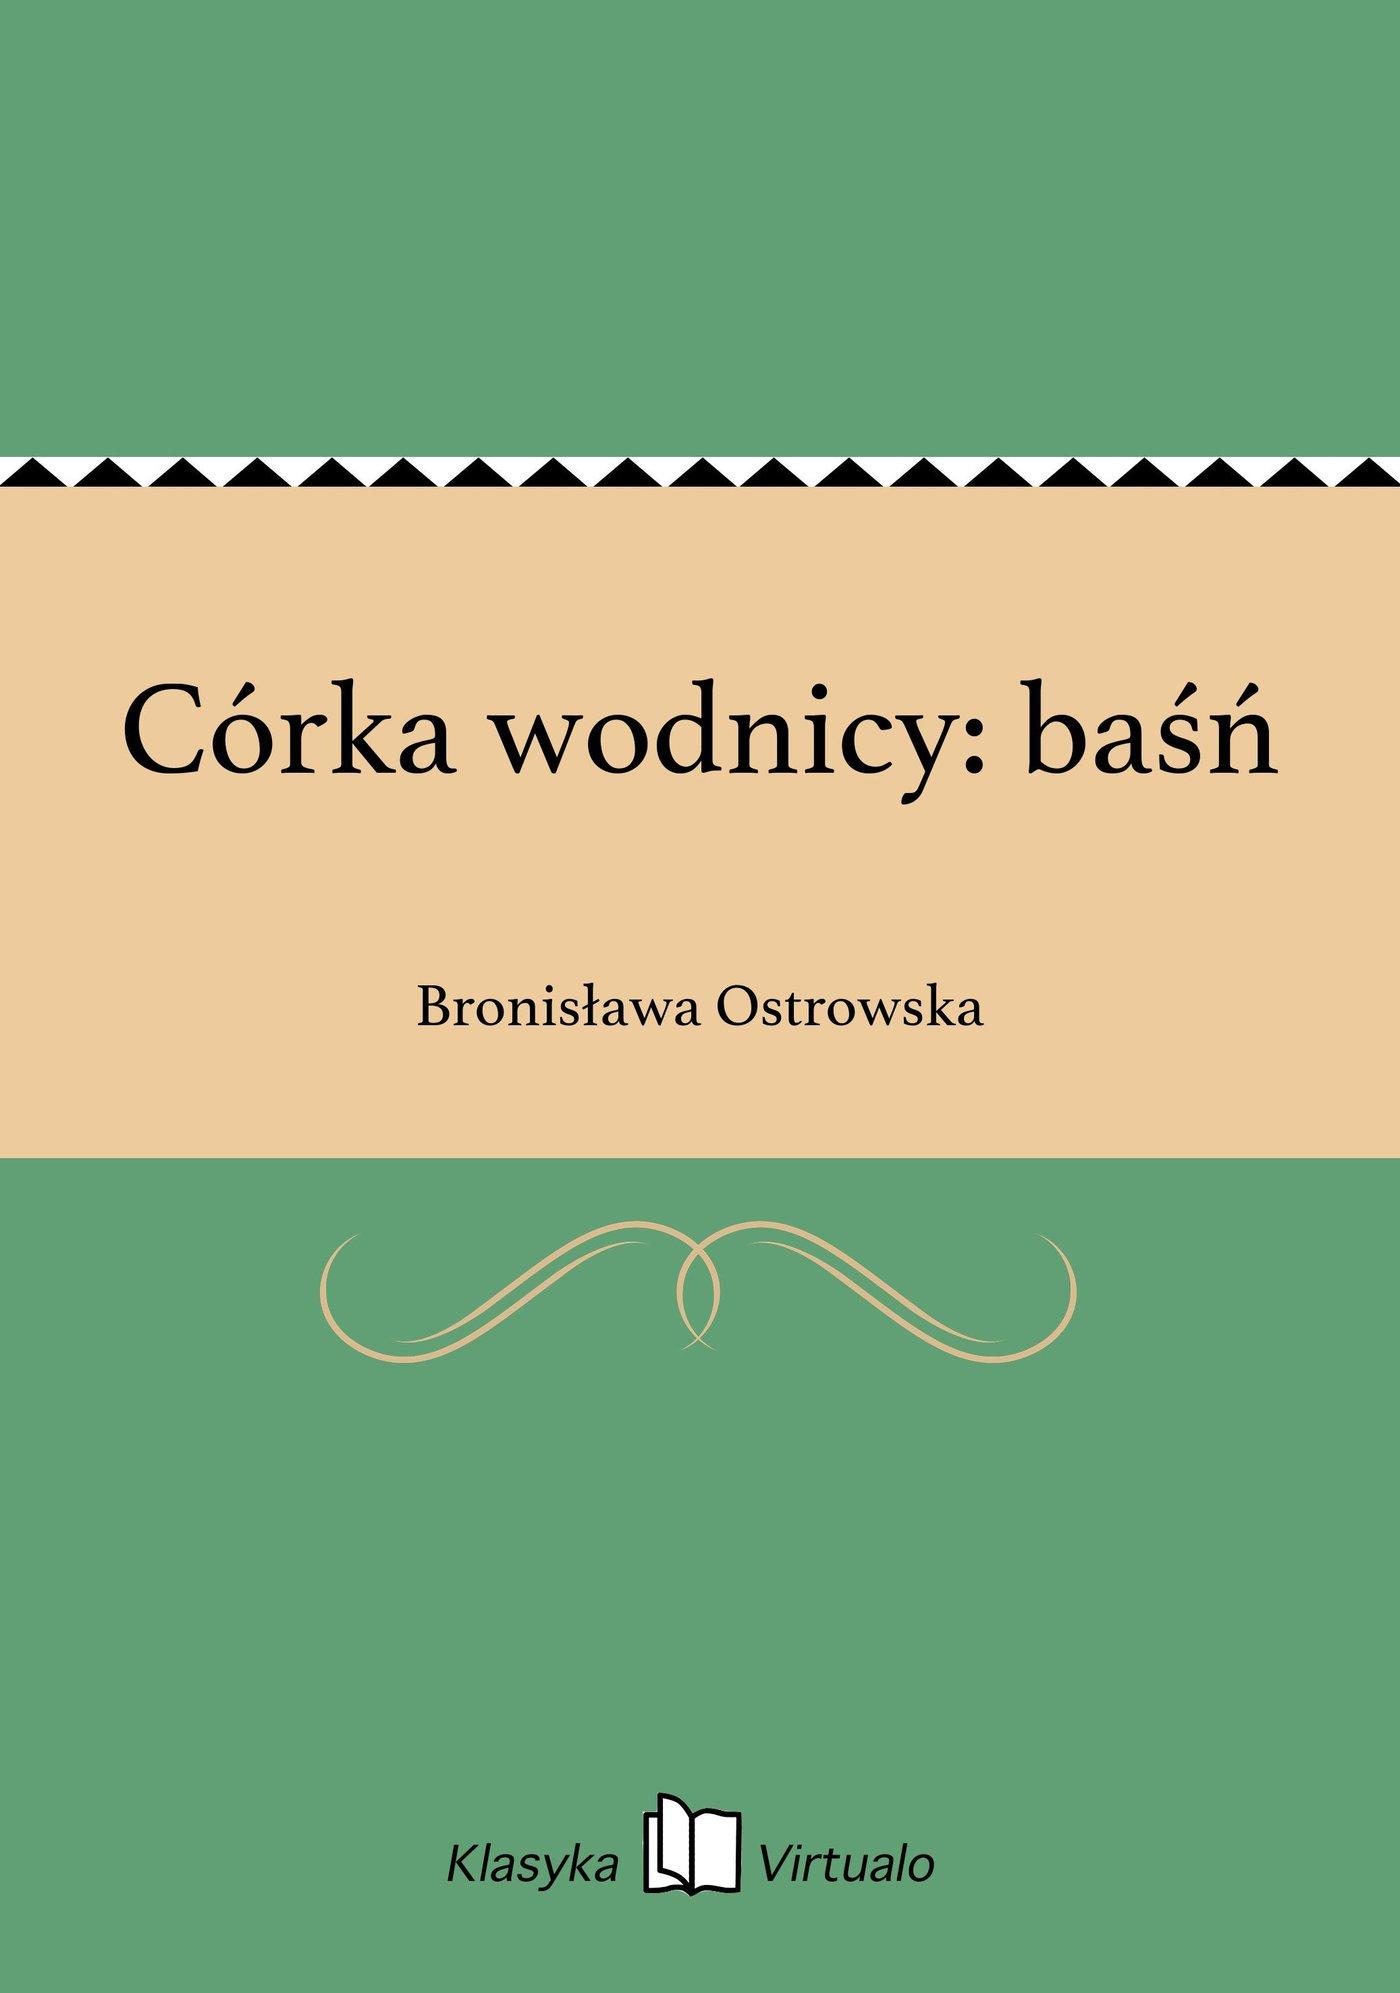 Córka wodnicy: baśń - Ebook (Książka na Kindle) do pobrania w formacie MOBI